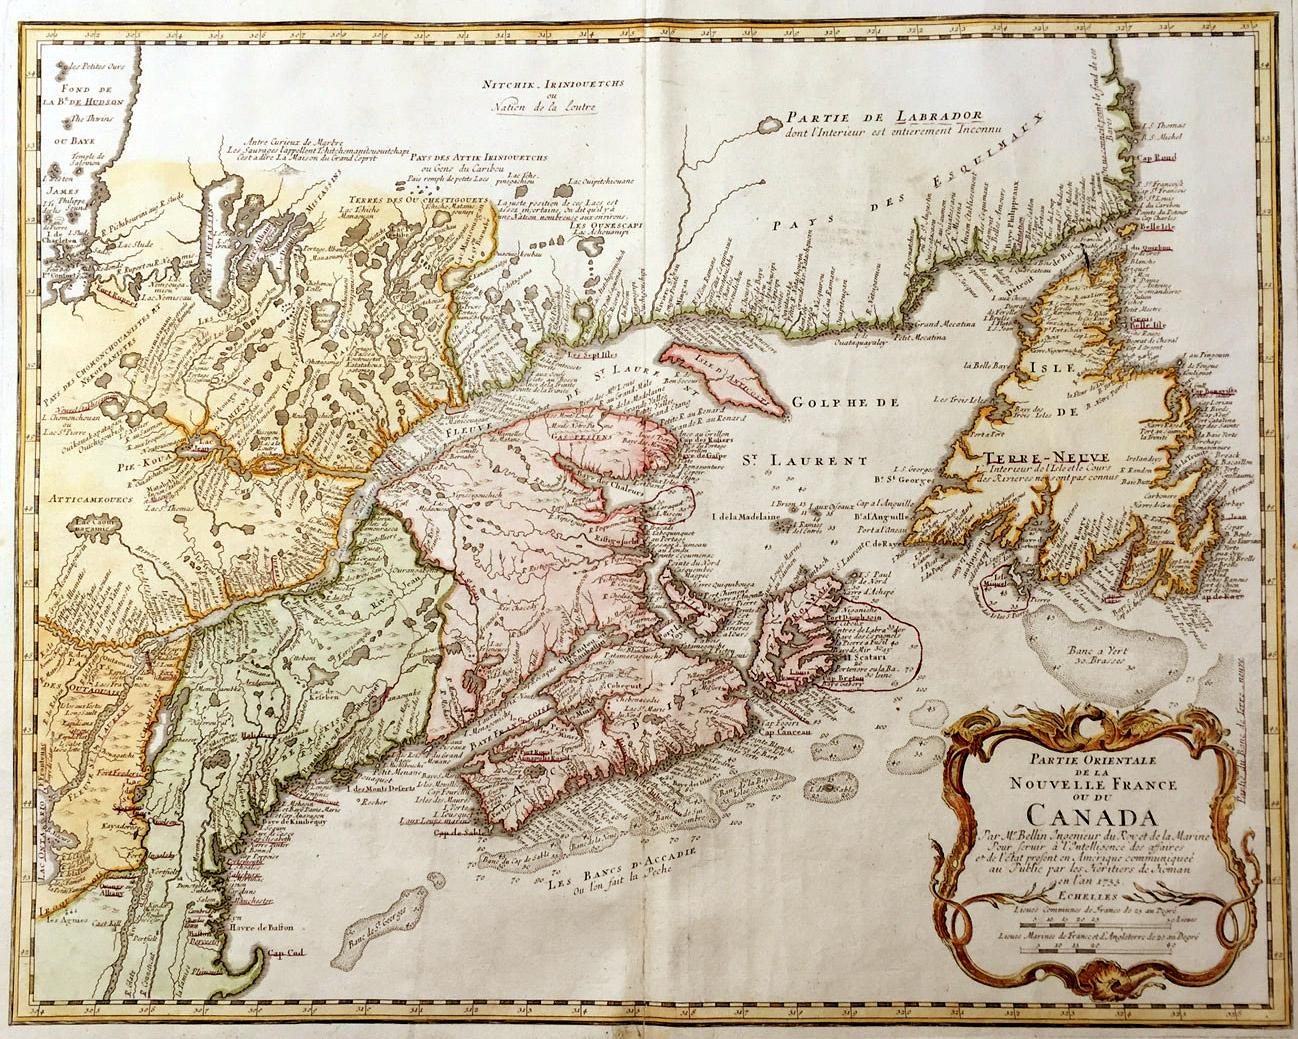 Partie Orientale de la Nouvelle France ou du Canada - Jacques Bellin, 1755